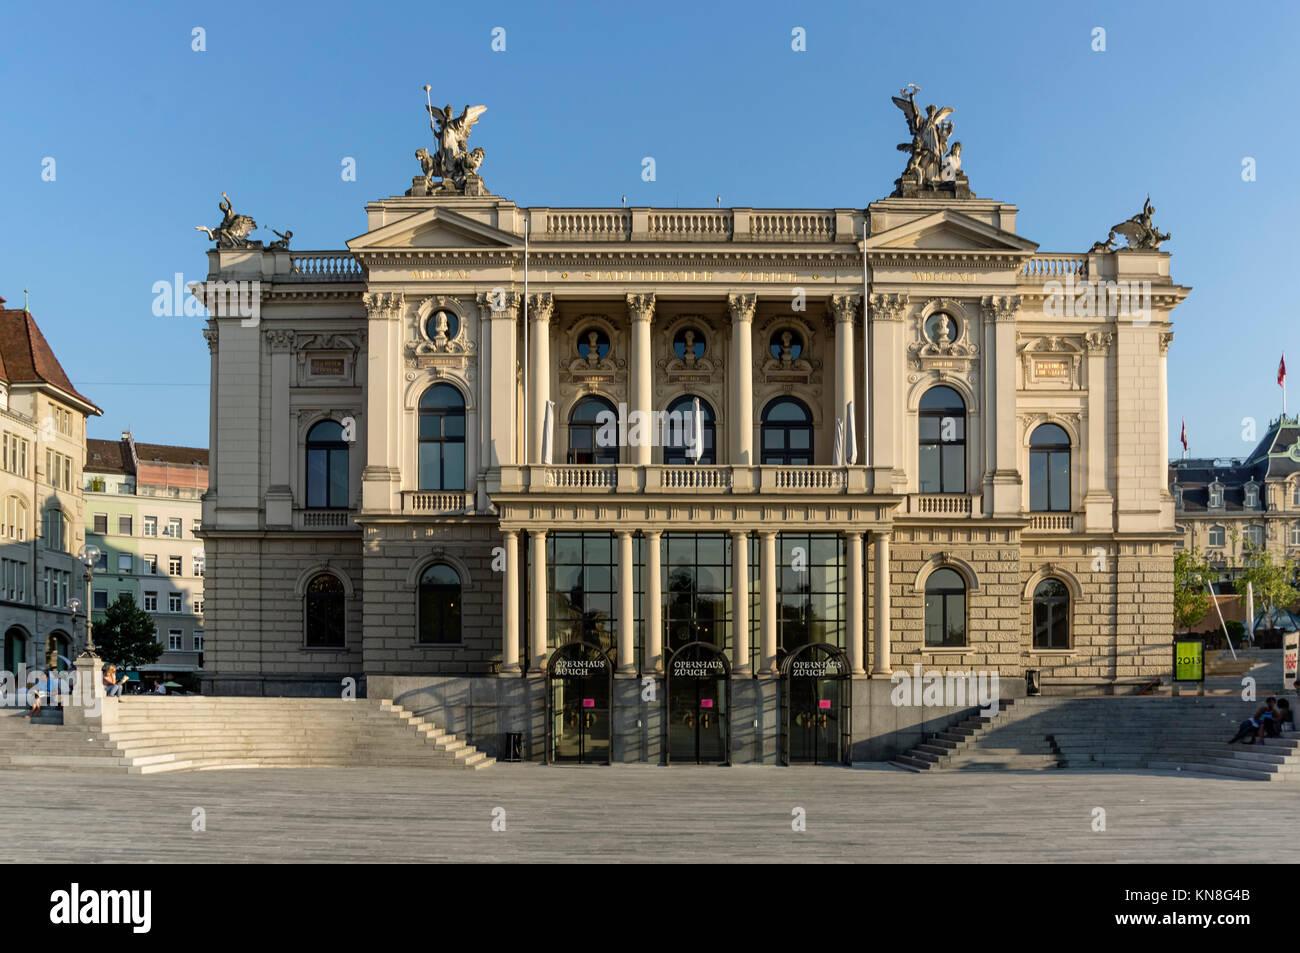 Opera House building, Sechselaeuten Square, Zurich, Switzerland - Stock Image